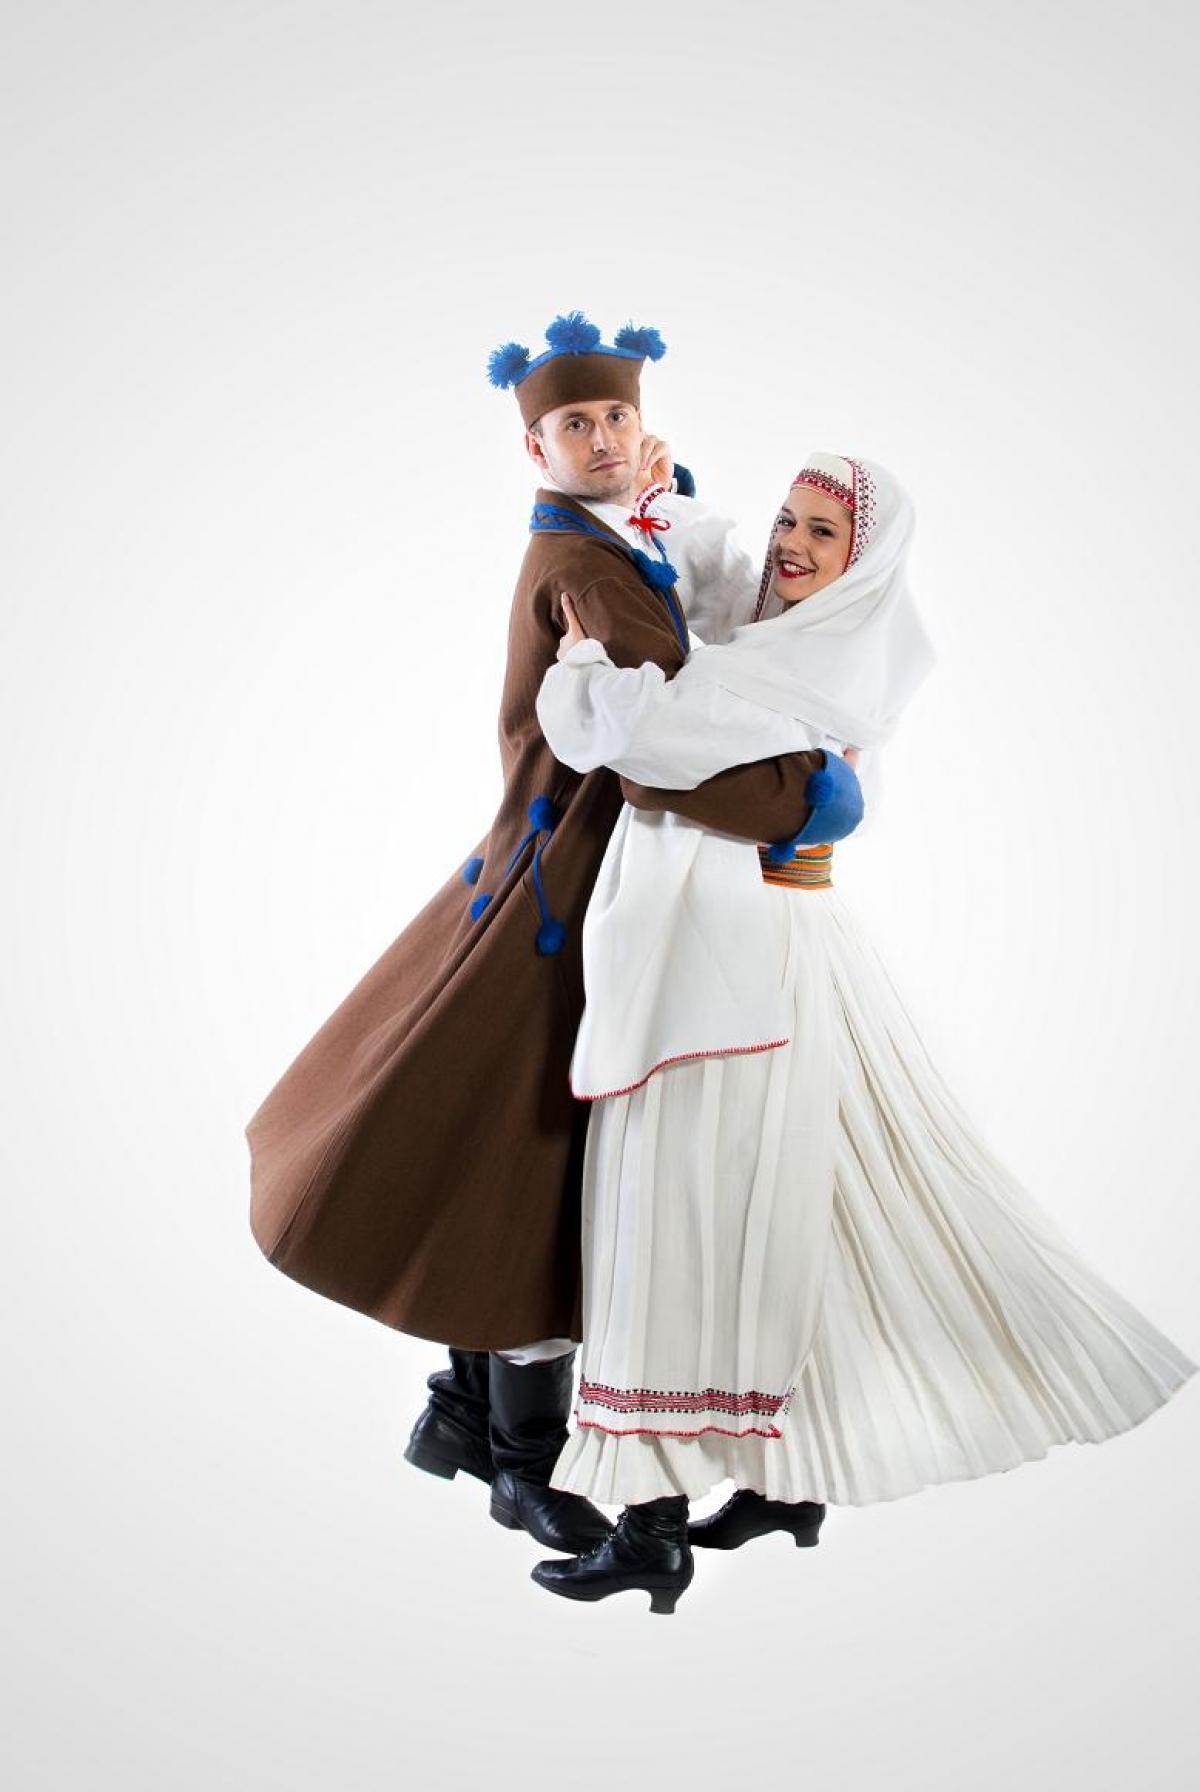 Tańce biłgorajskie